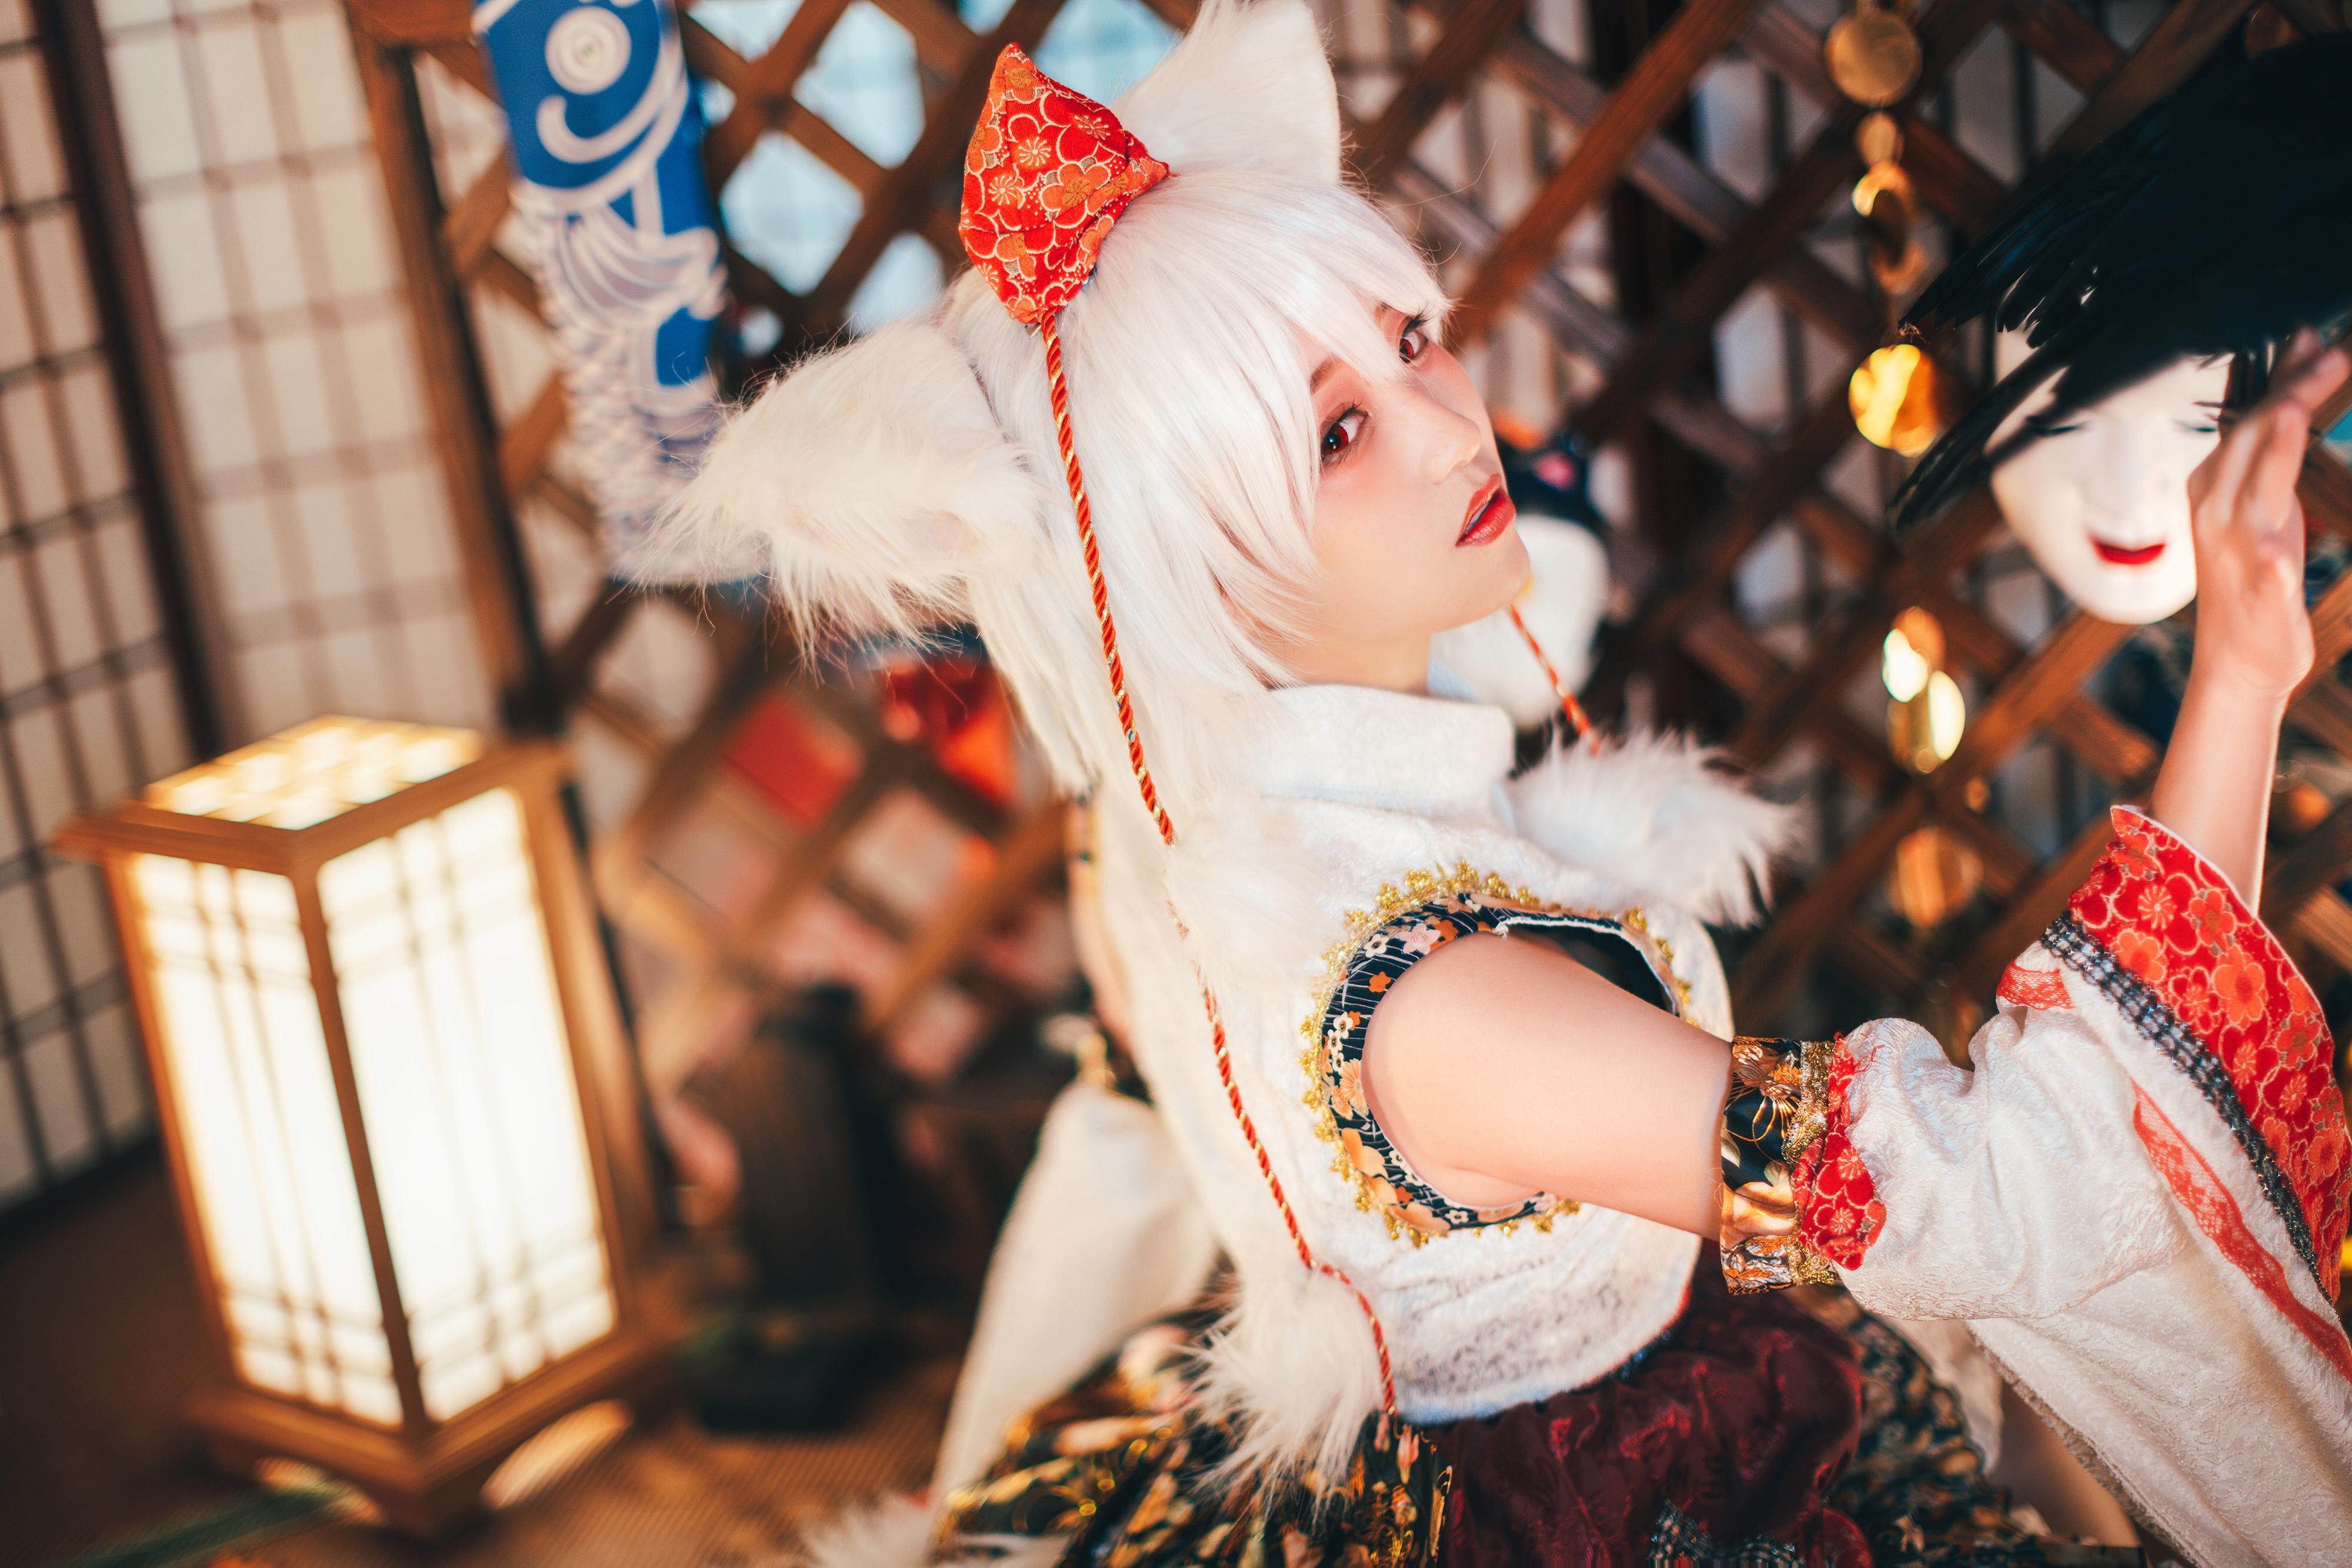 《东方PROJECT》车万cosplay【CN:歌梨】-第18张